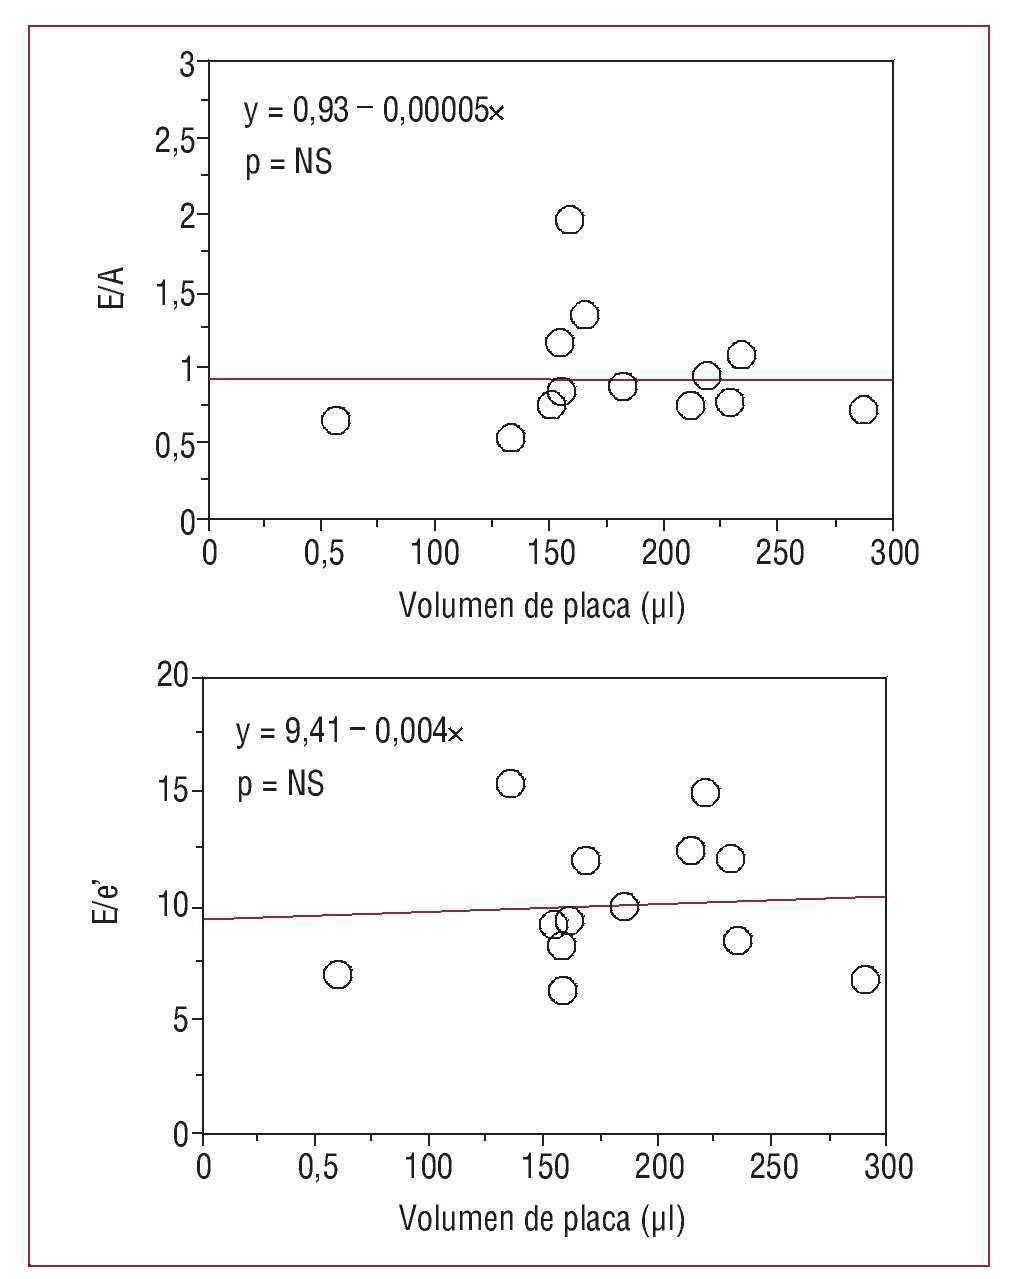 gráfico de registro de base 10 para diabetes